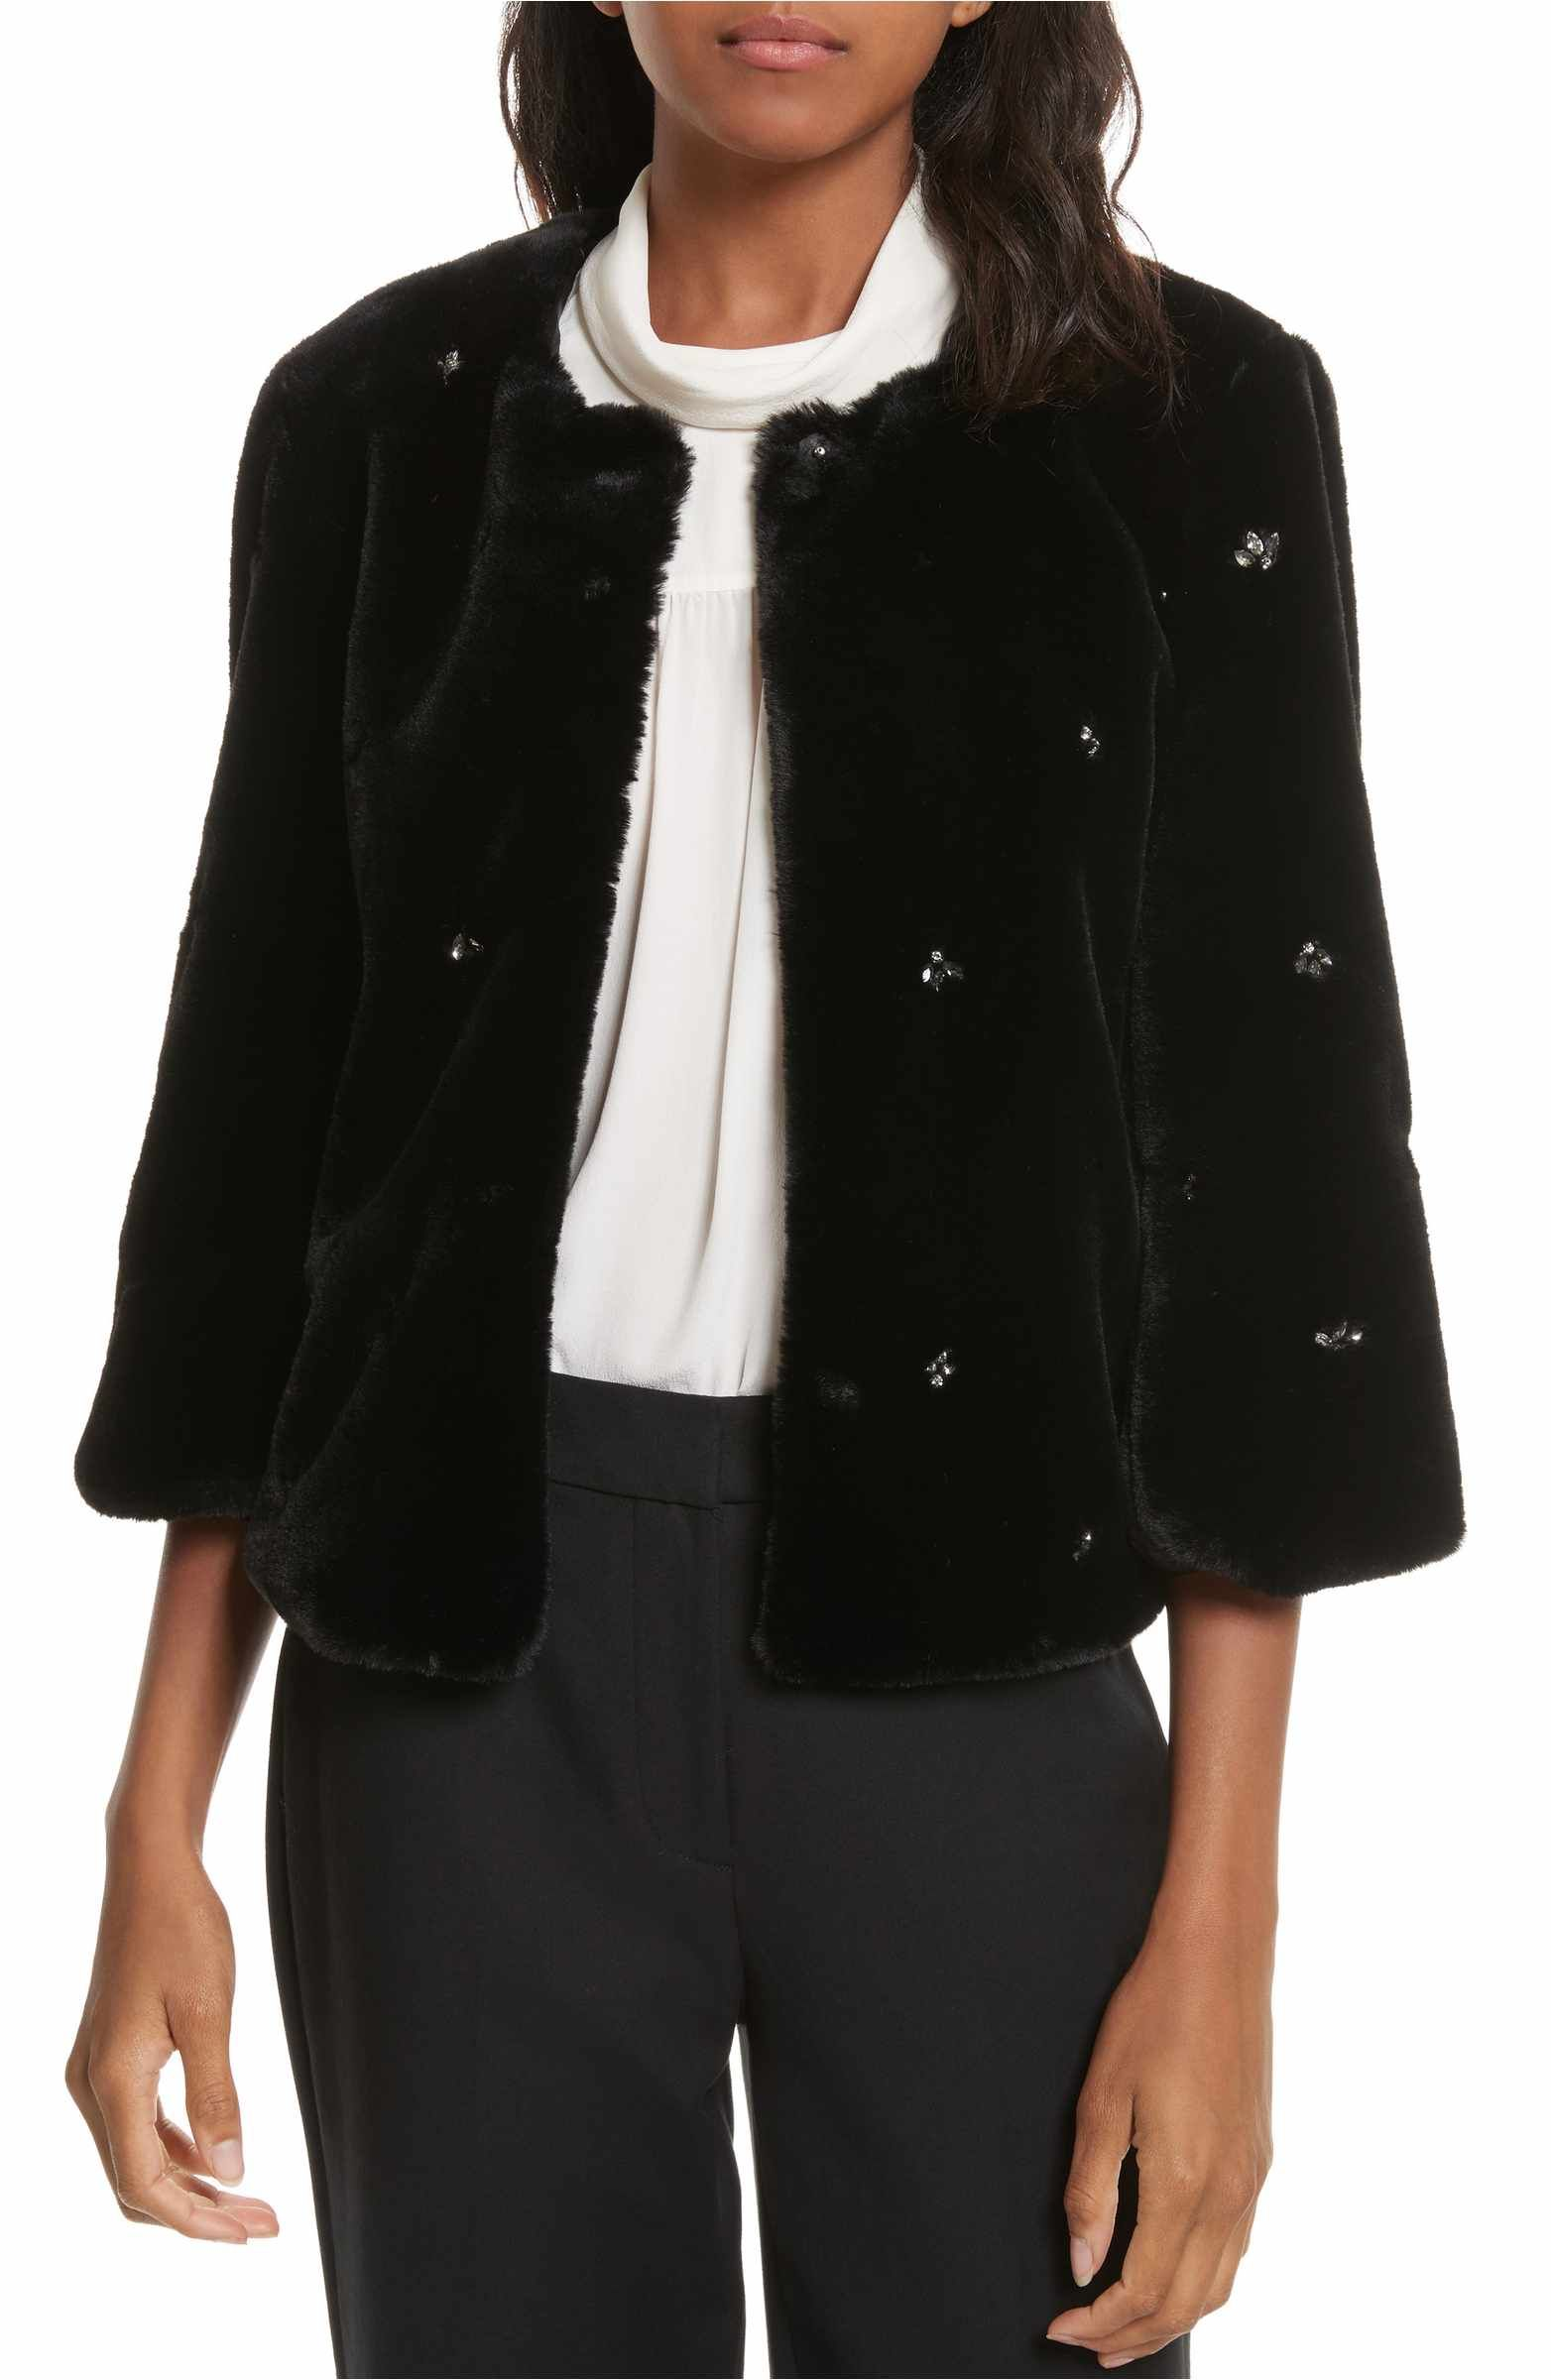 Joie Nayland Embellished Faux Fur Jacket Faux fur jacket